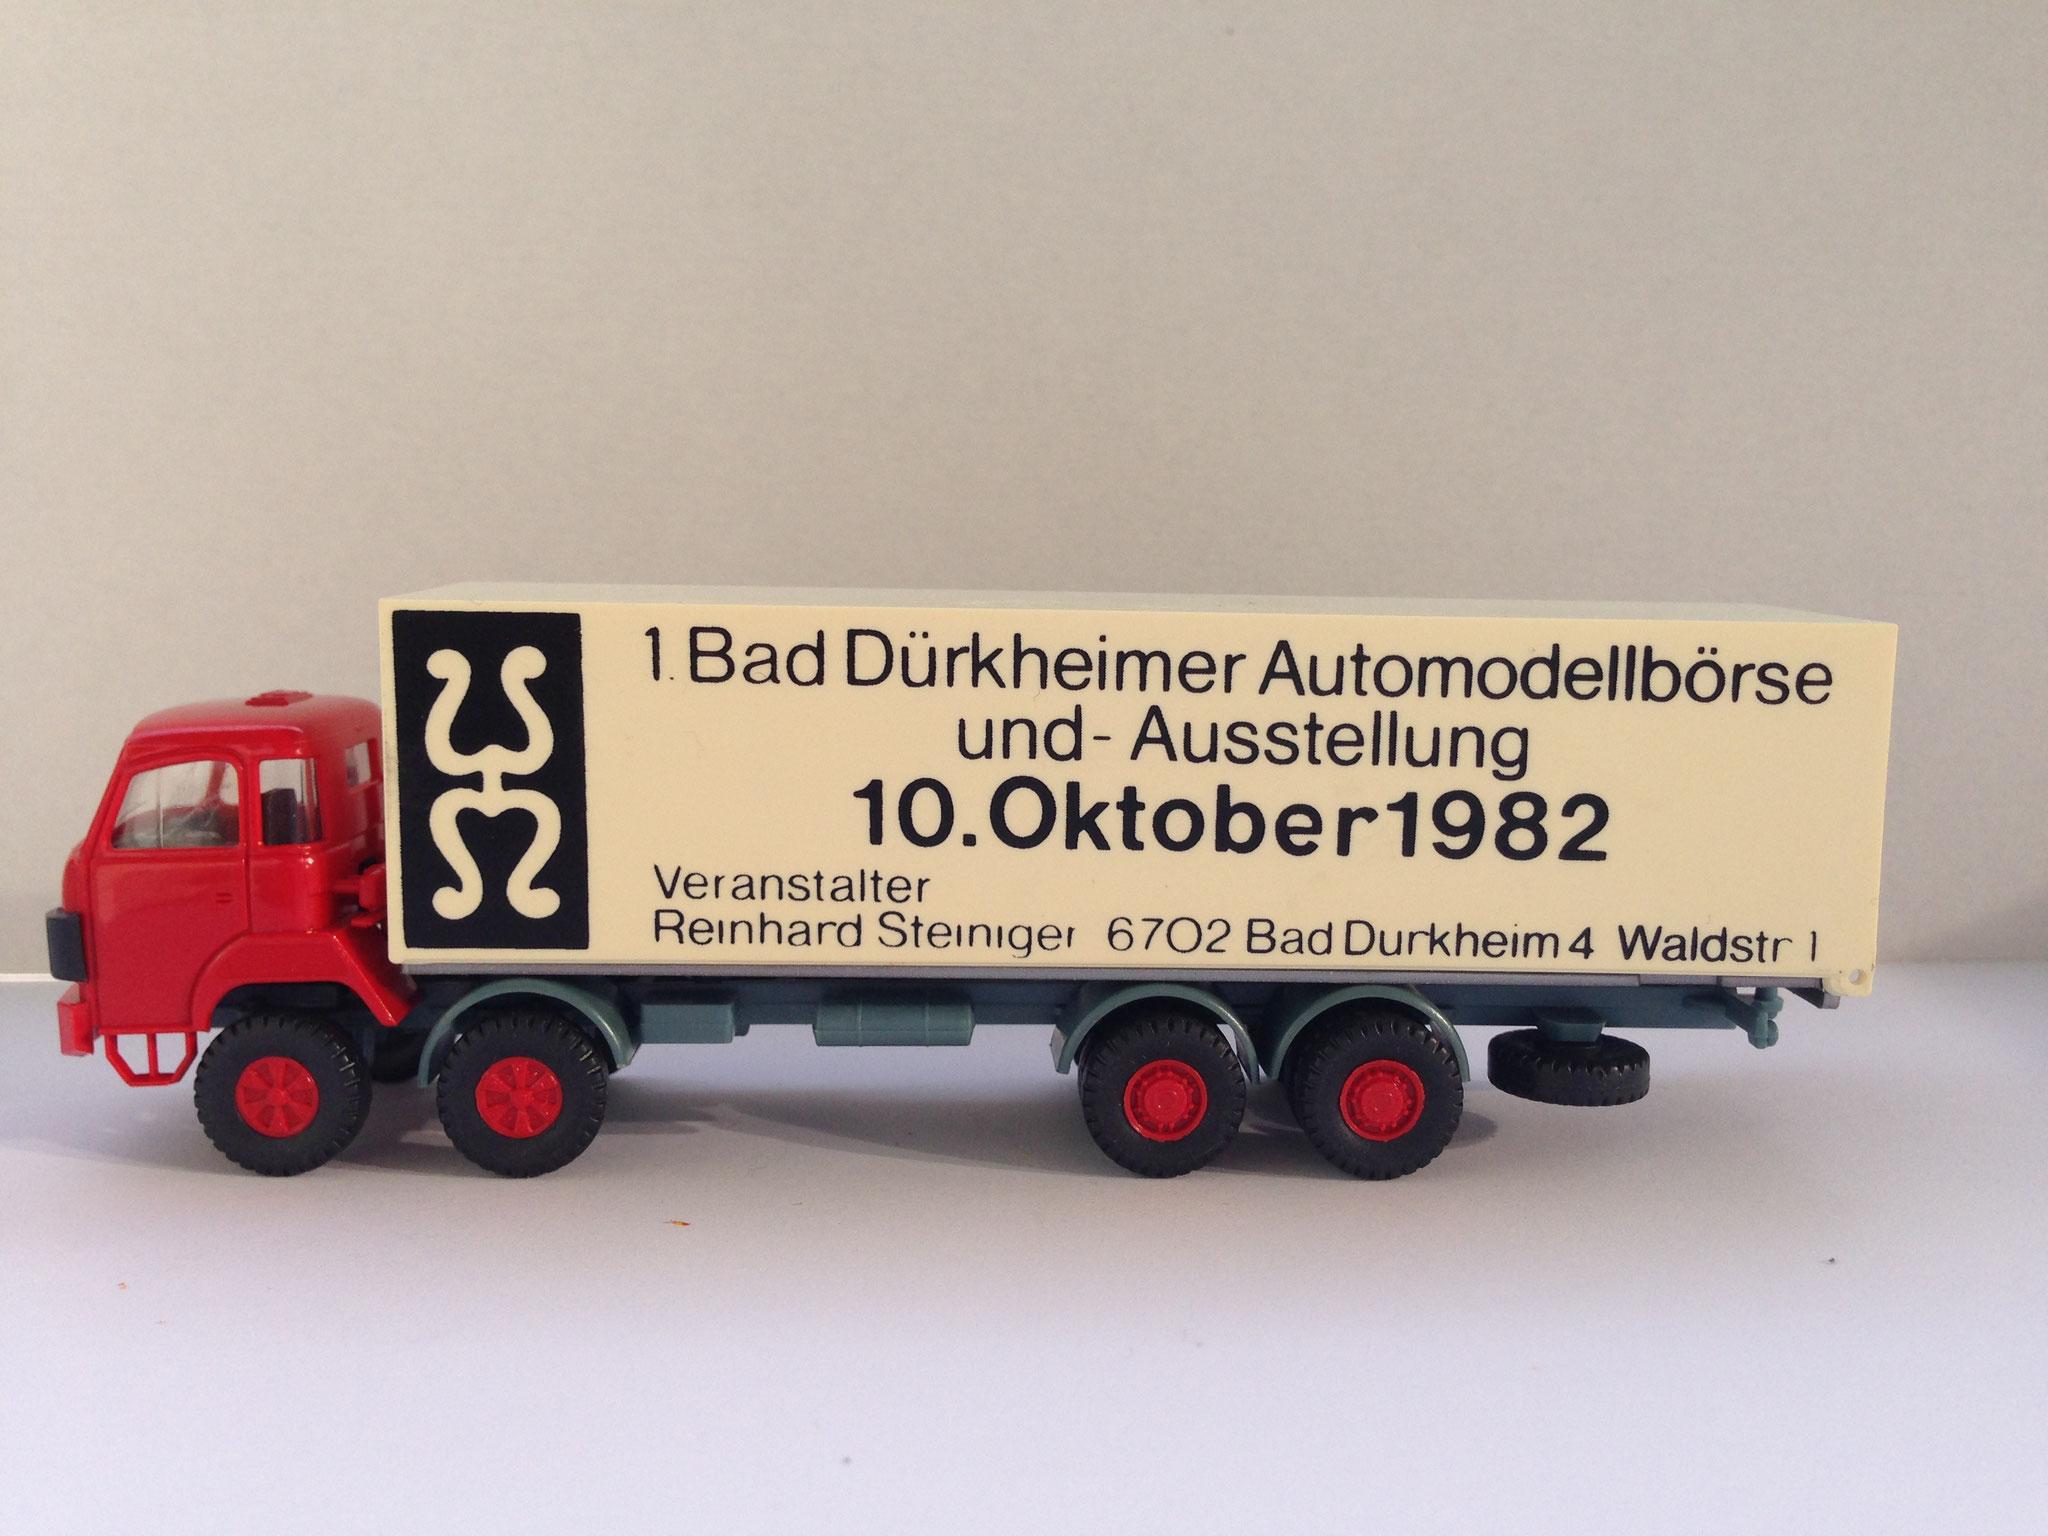 Saurer zur 1. Bad Dürkheimer Automodellbörse 1982